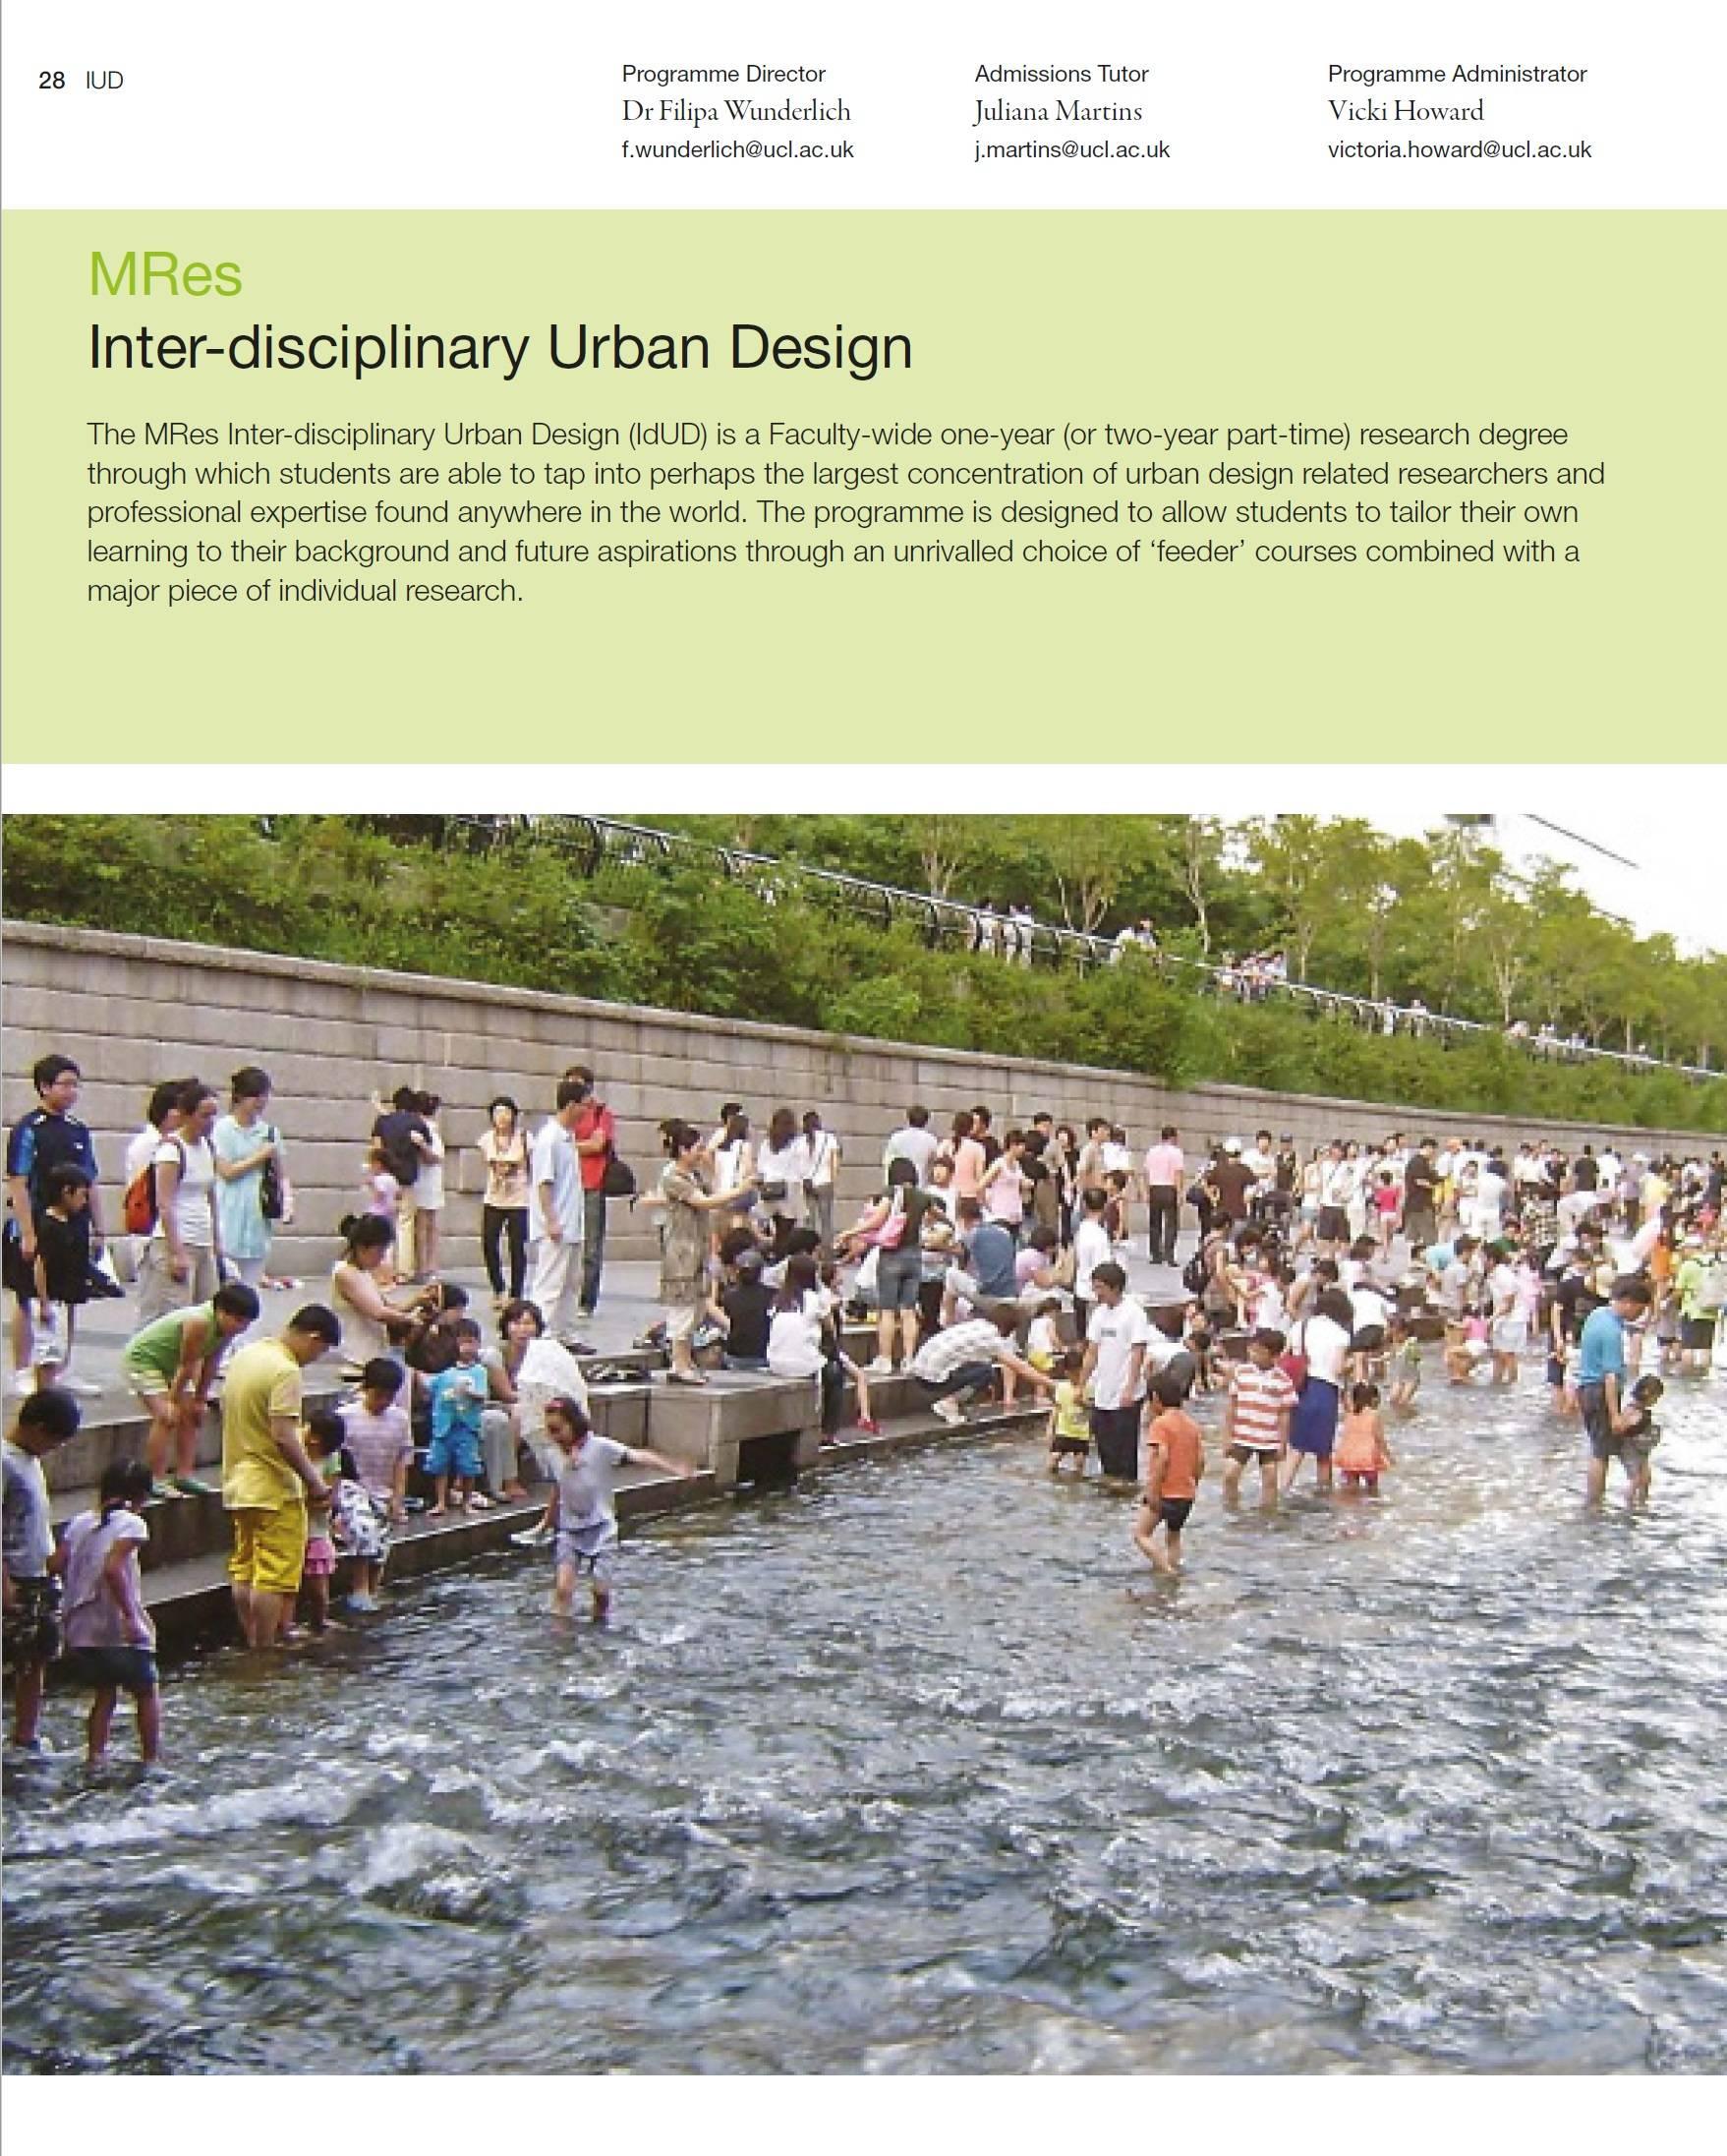 MRes Inter-disciplinary Urban Design | The Bartlett School